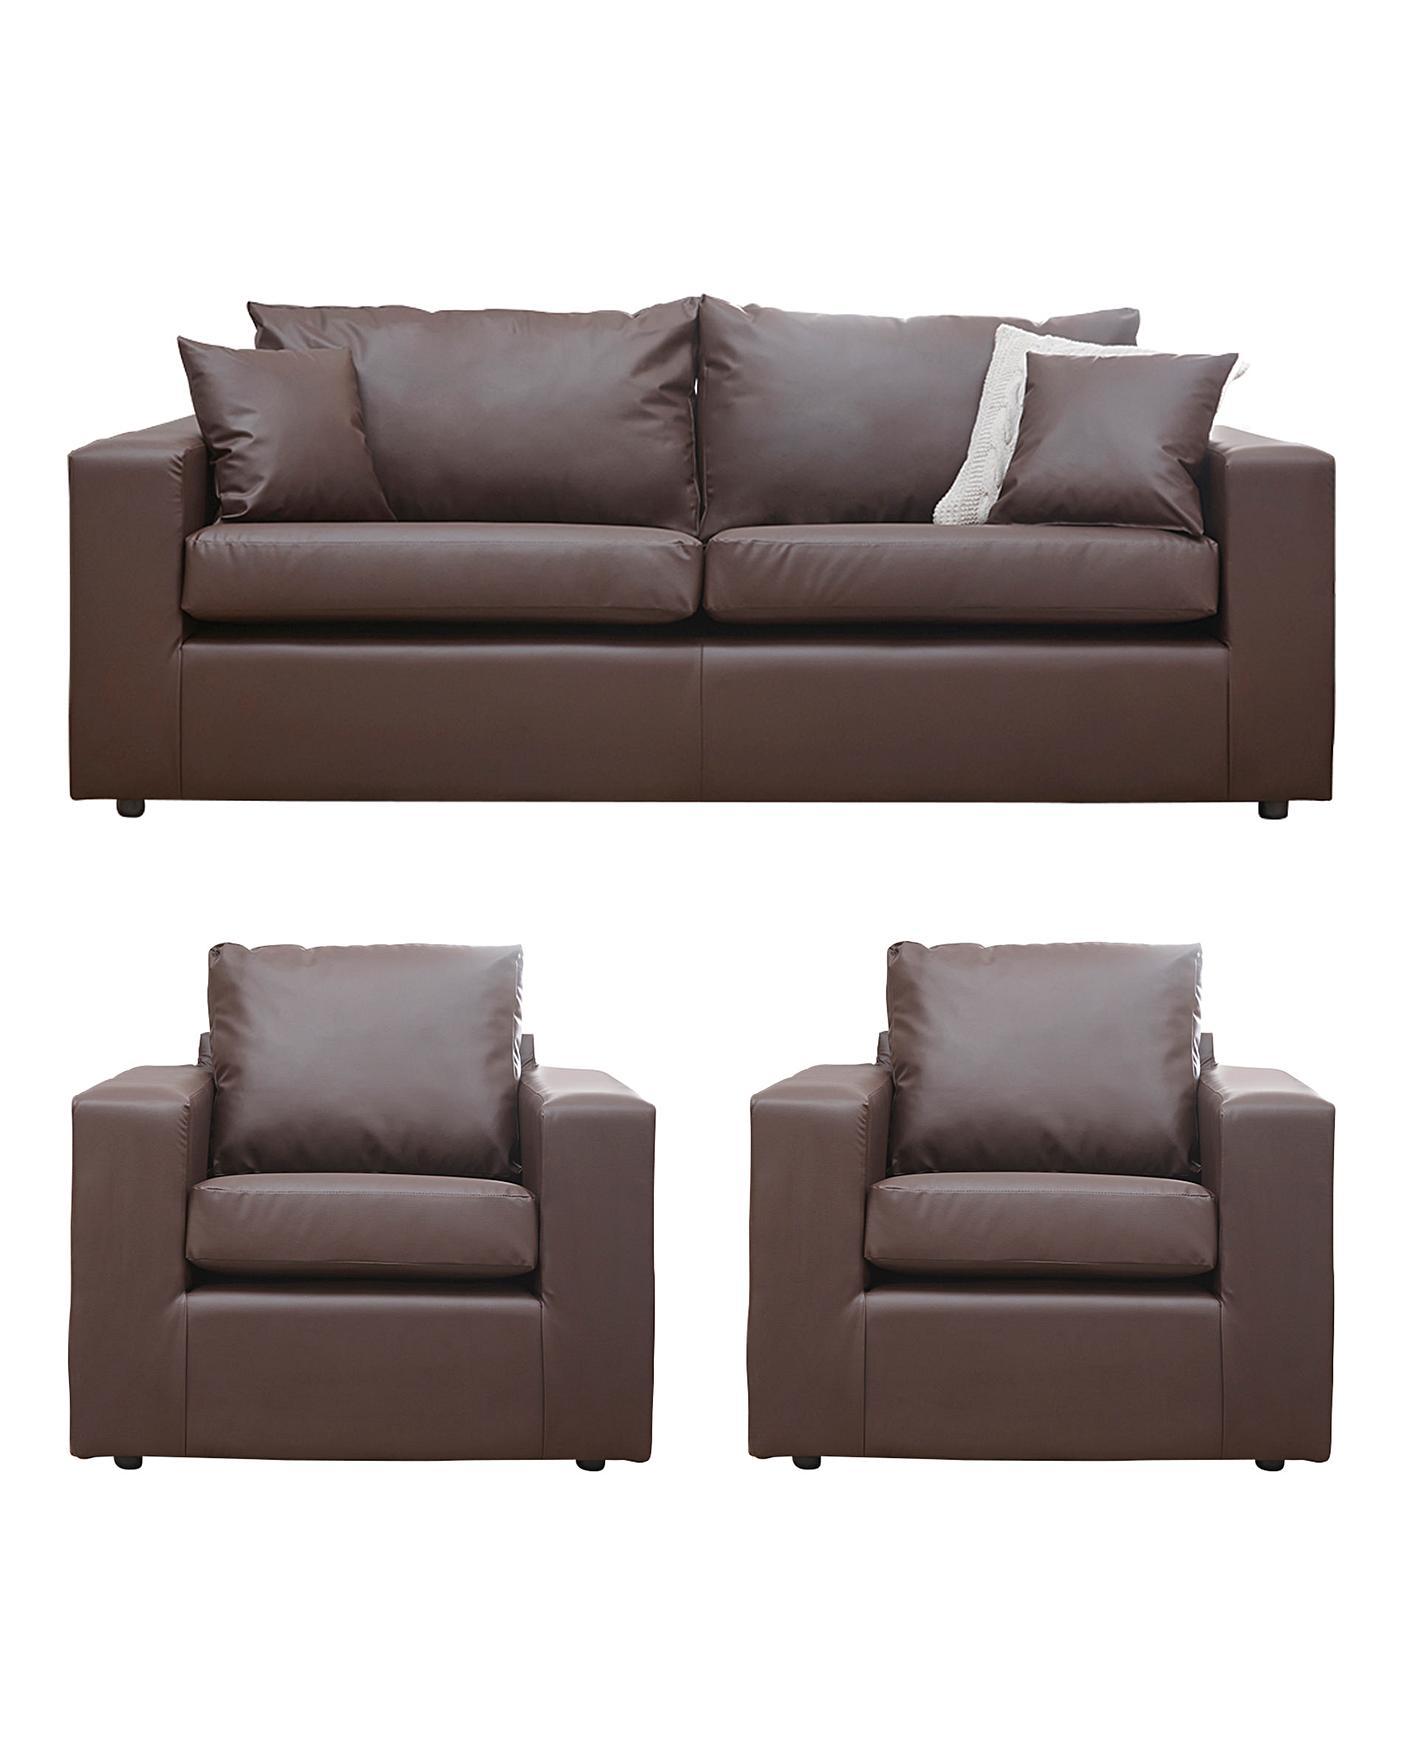 Faux Leather 3 Seater Sofa Plus 2